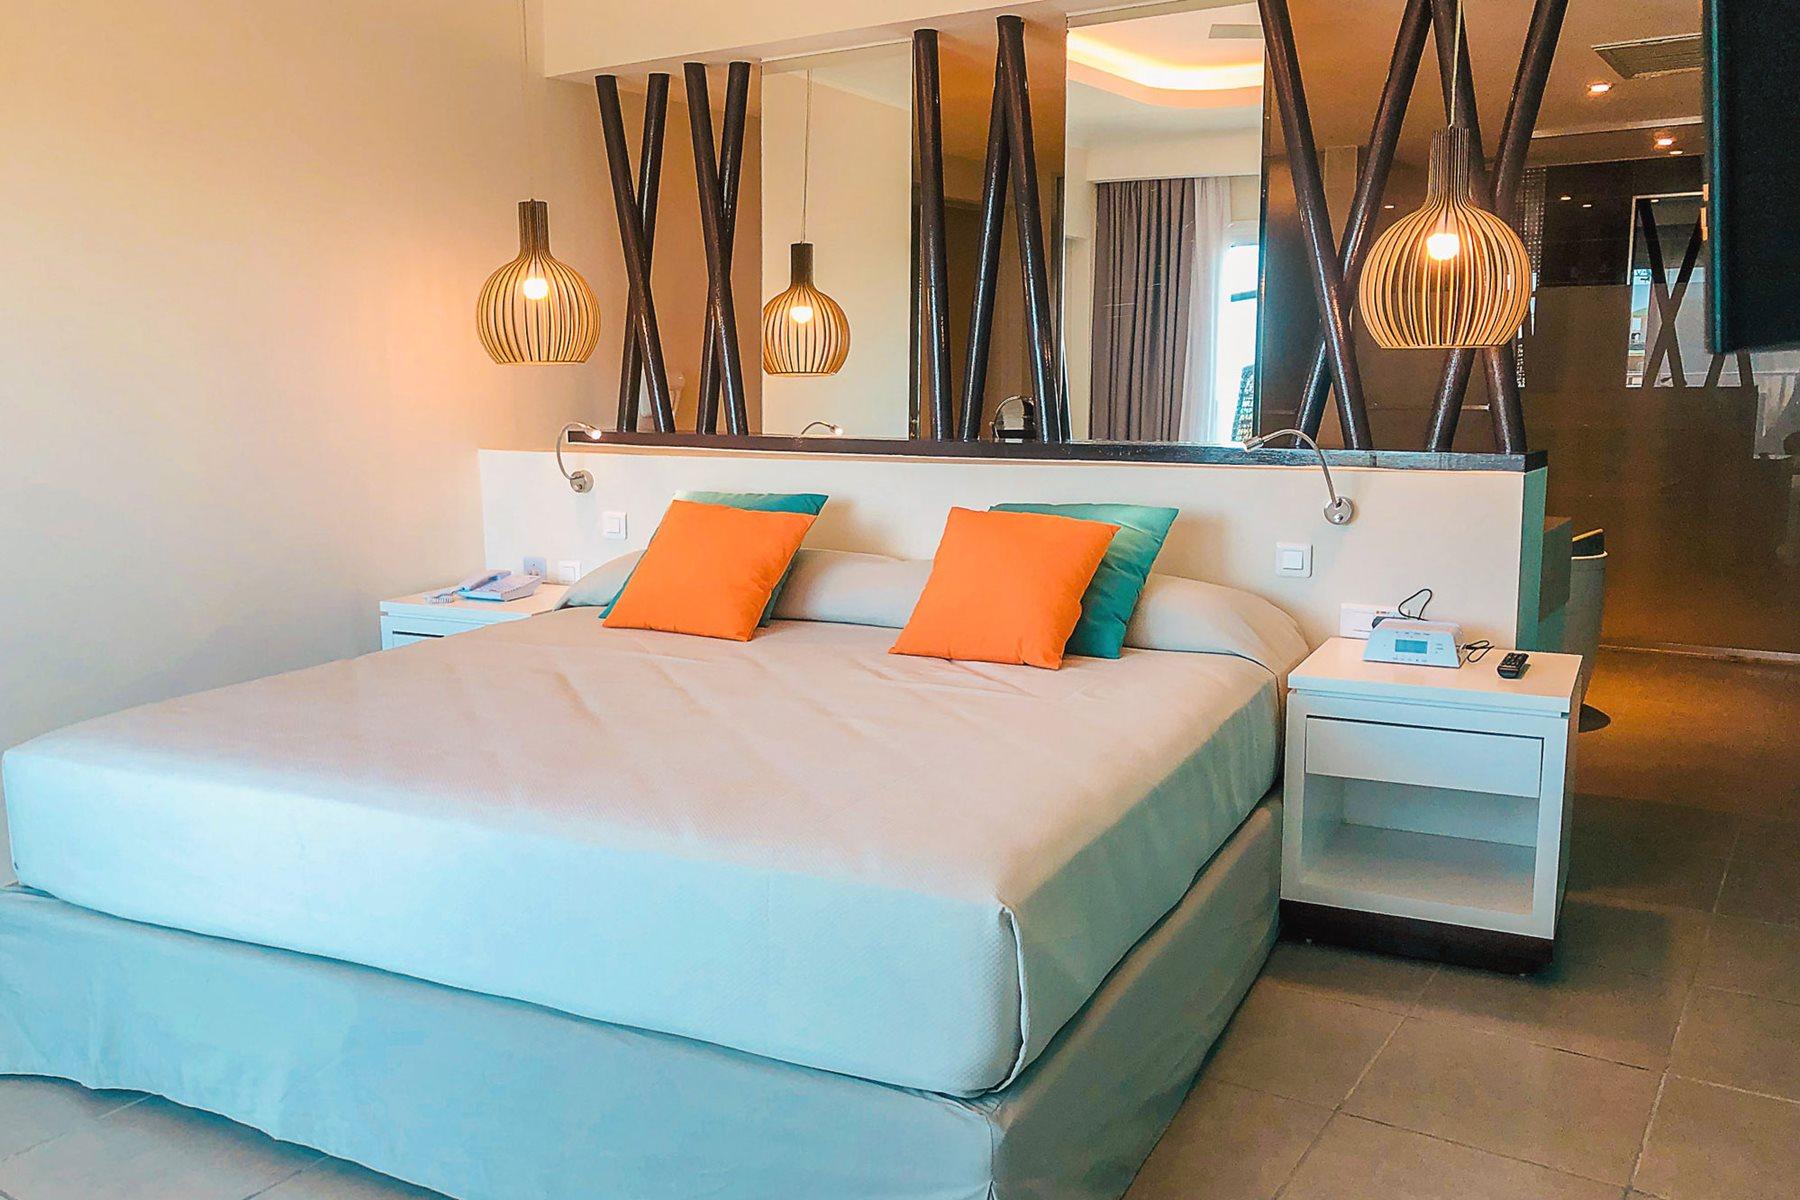 CCC-Valentin-Cayo-Cruz-Room-Suite-001